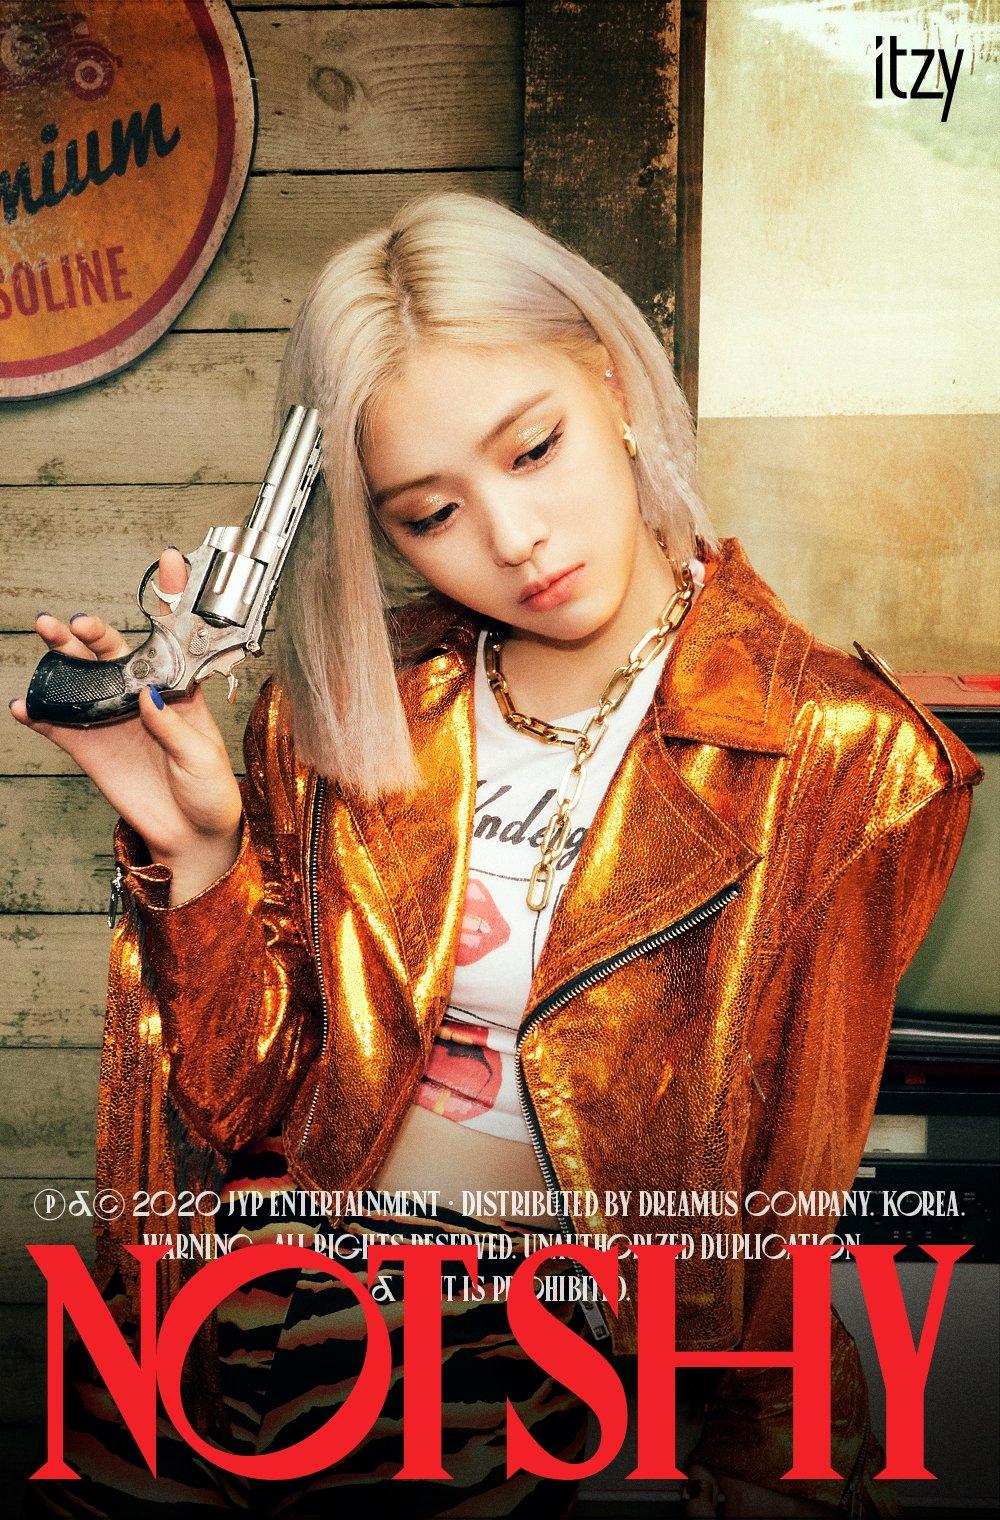 รยูจิน, ITZY 'NOT SHY' (2020)